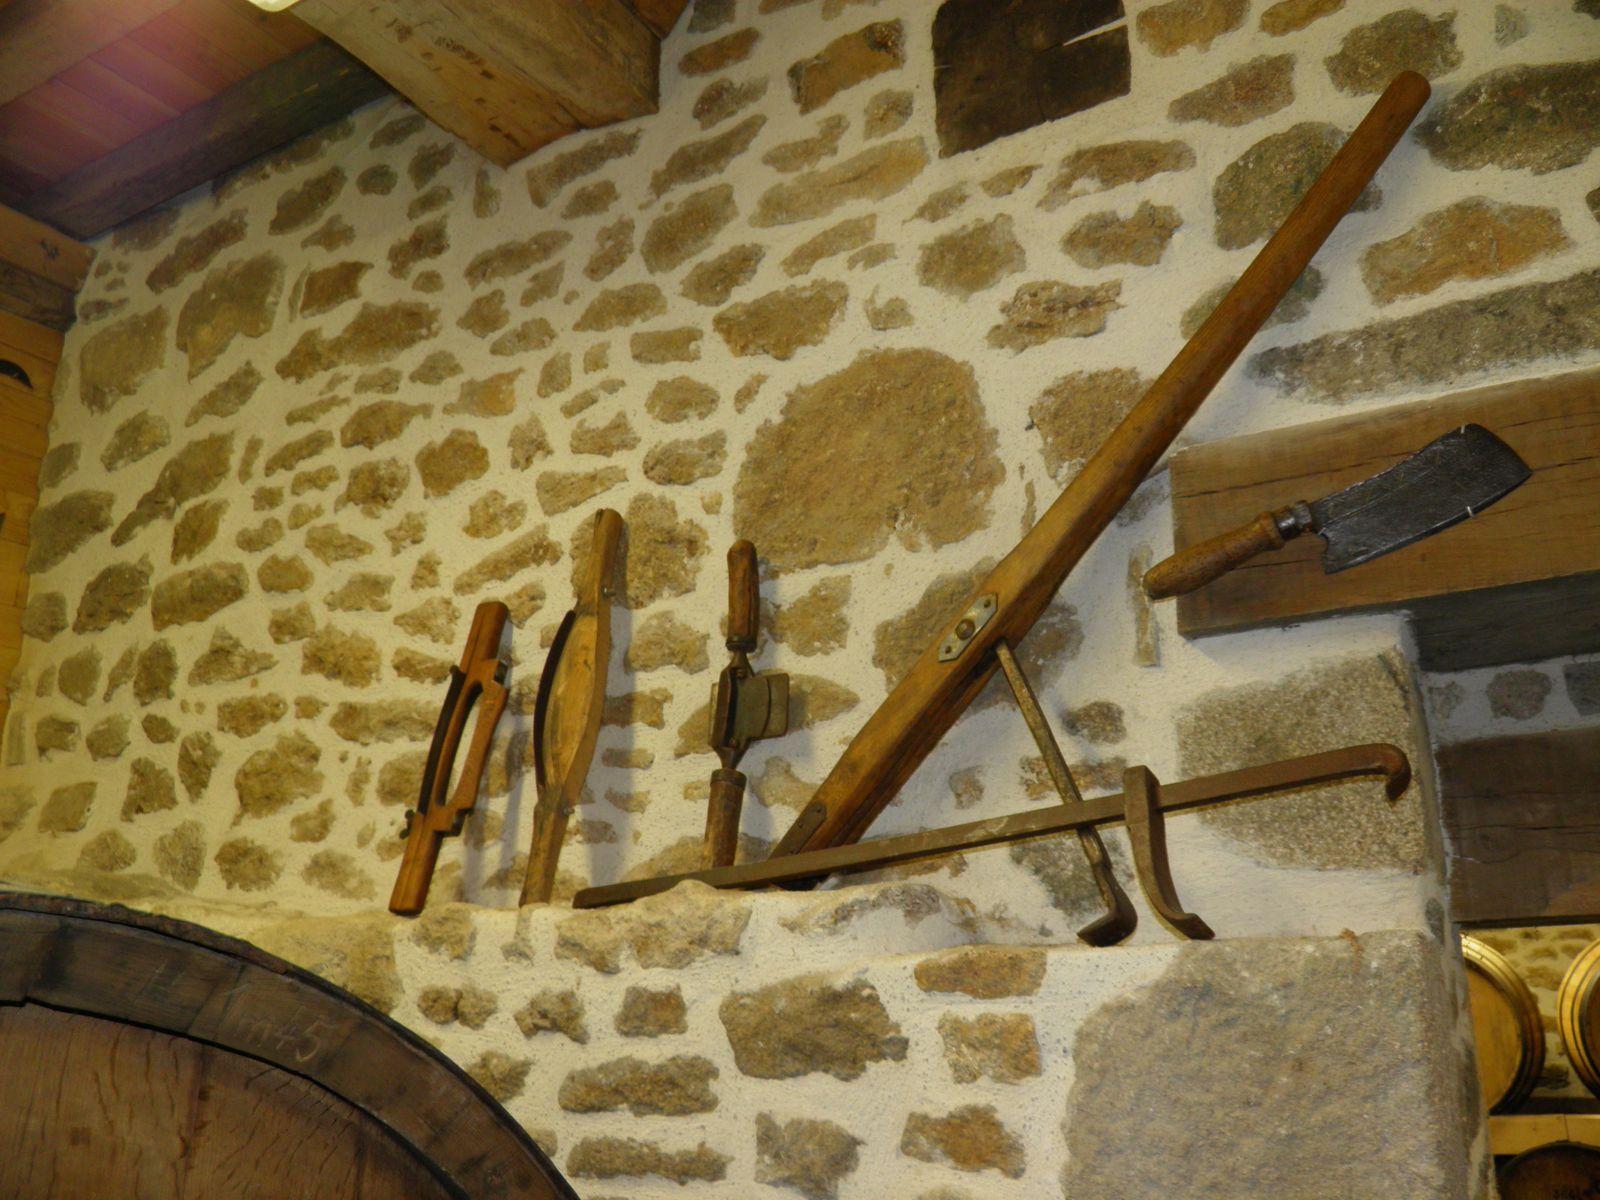 [Atelier artisanat] Les outils  152-Grattoirs-et-tirant-a-tonneaux-